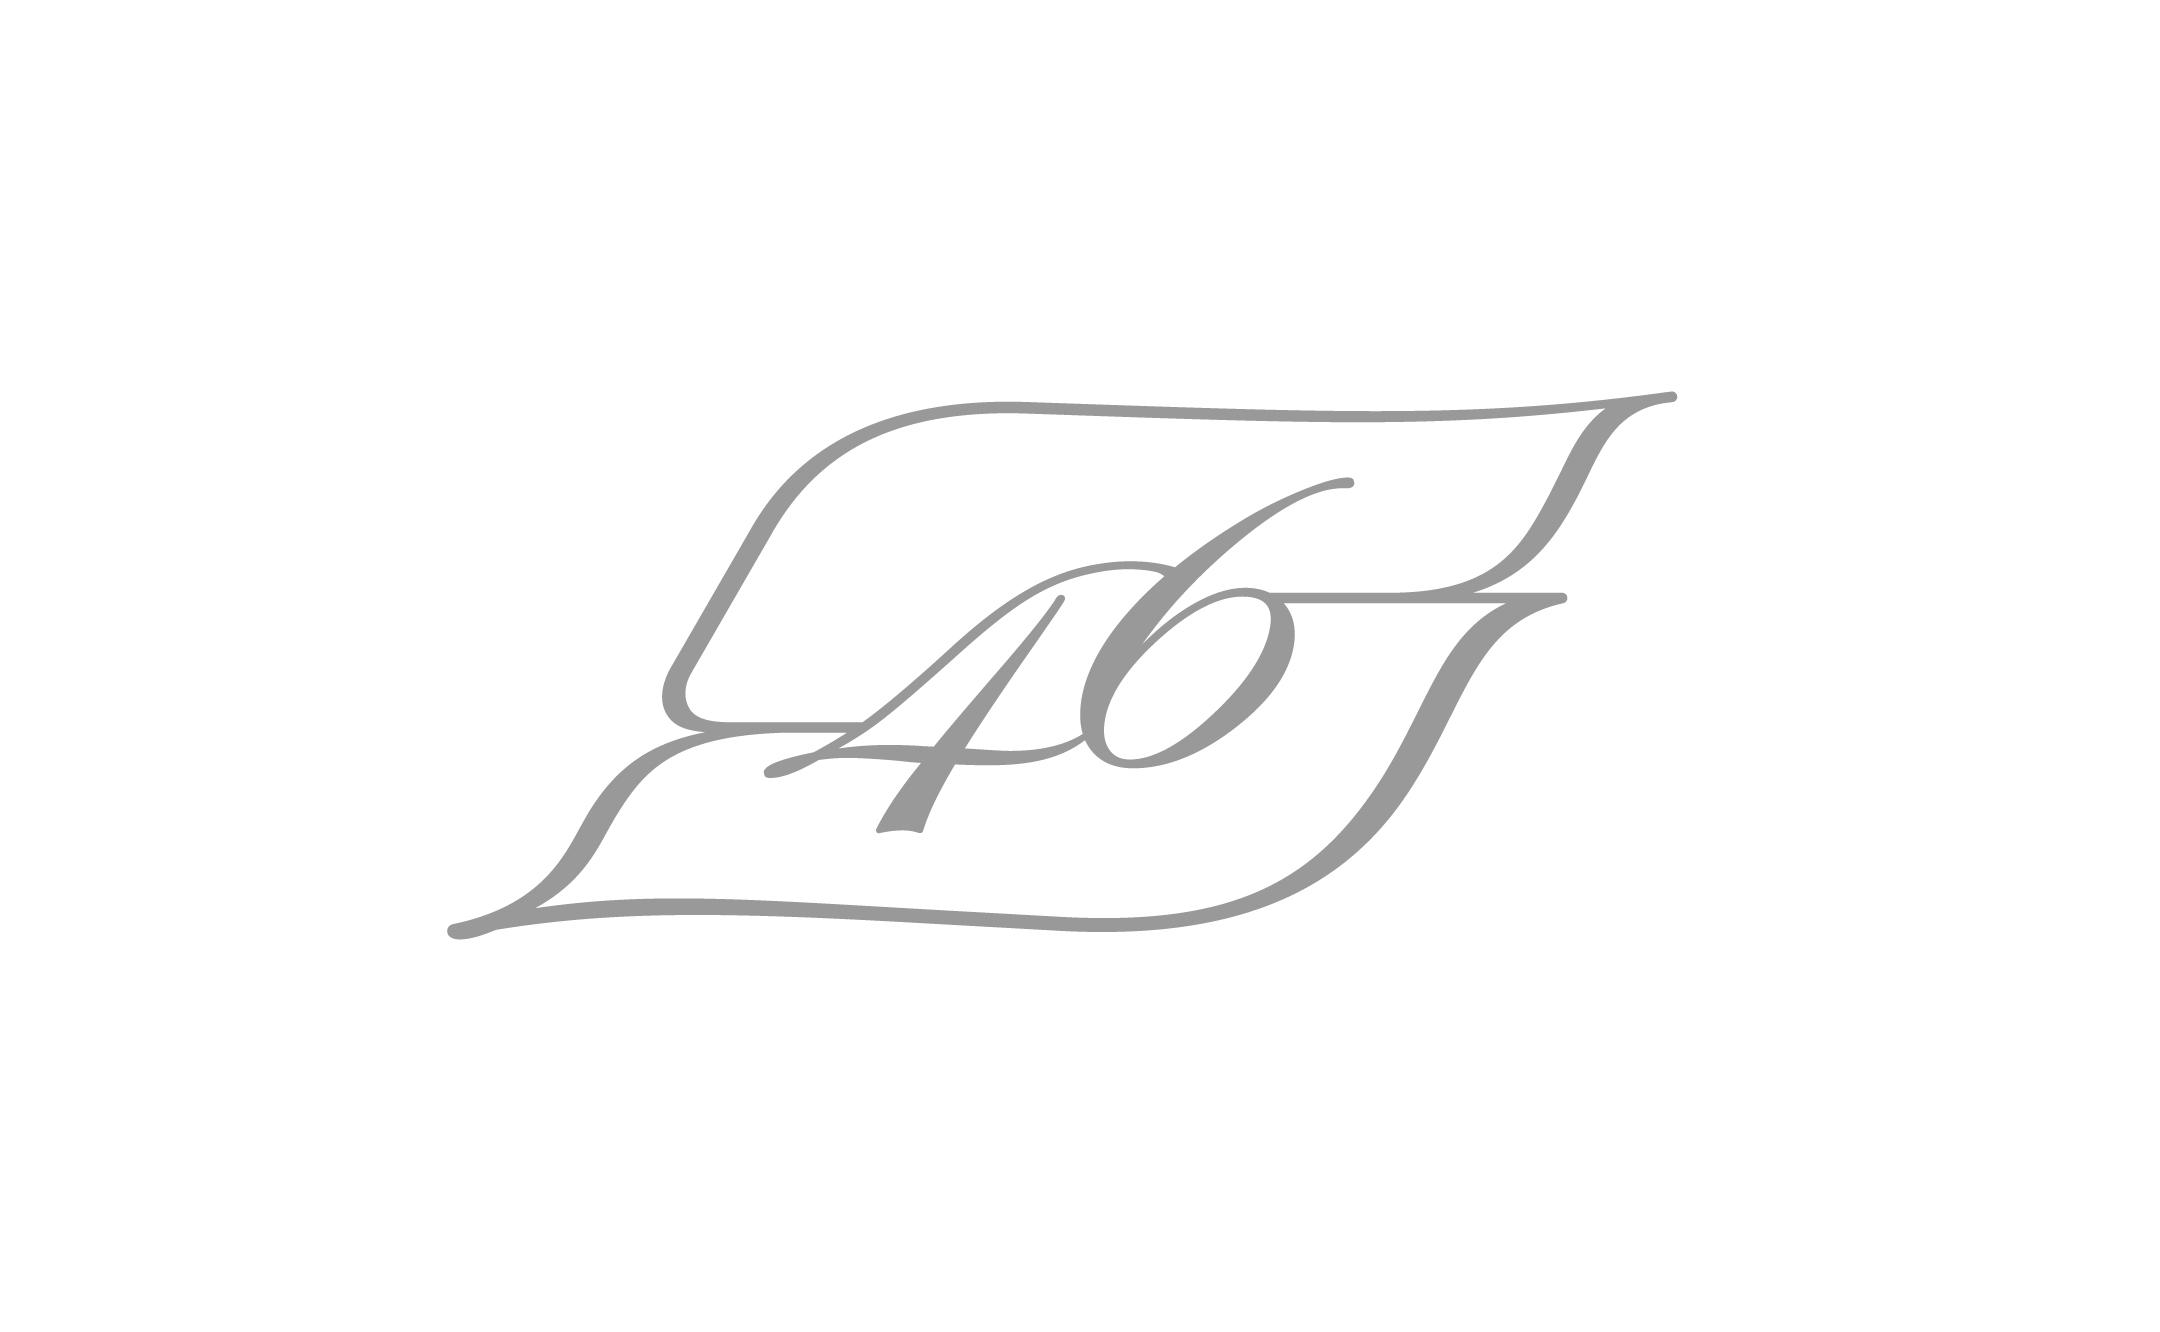 レーシングチーム46 ロゴ制作